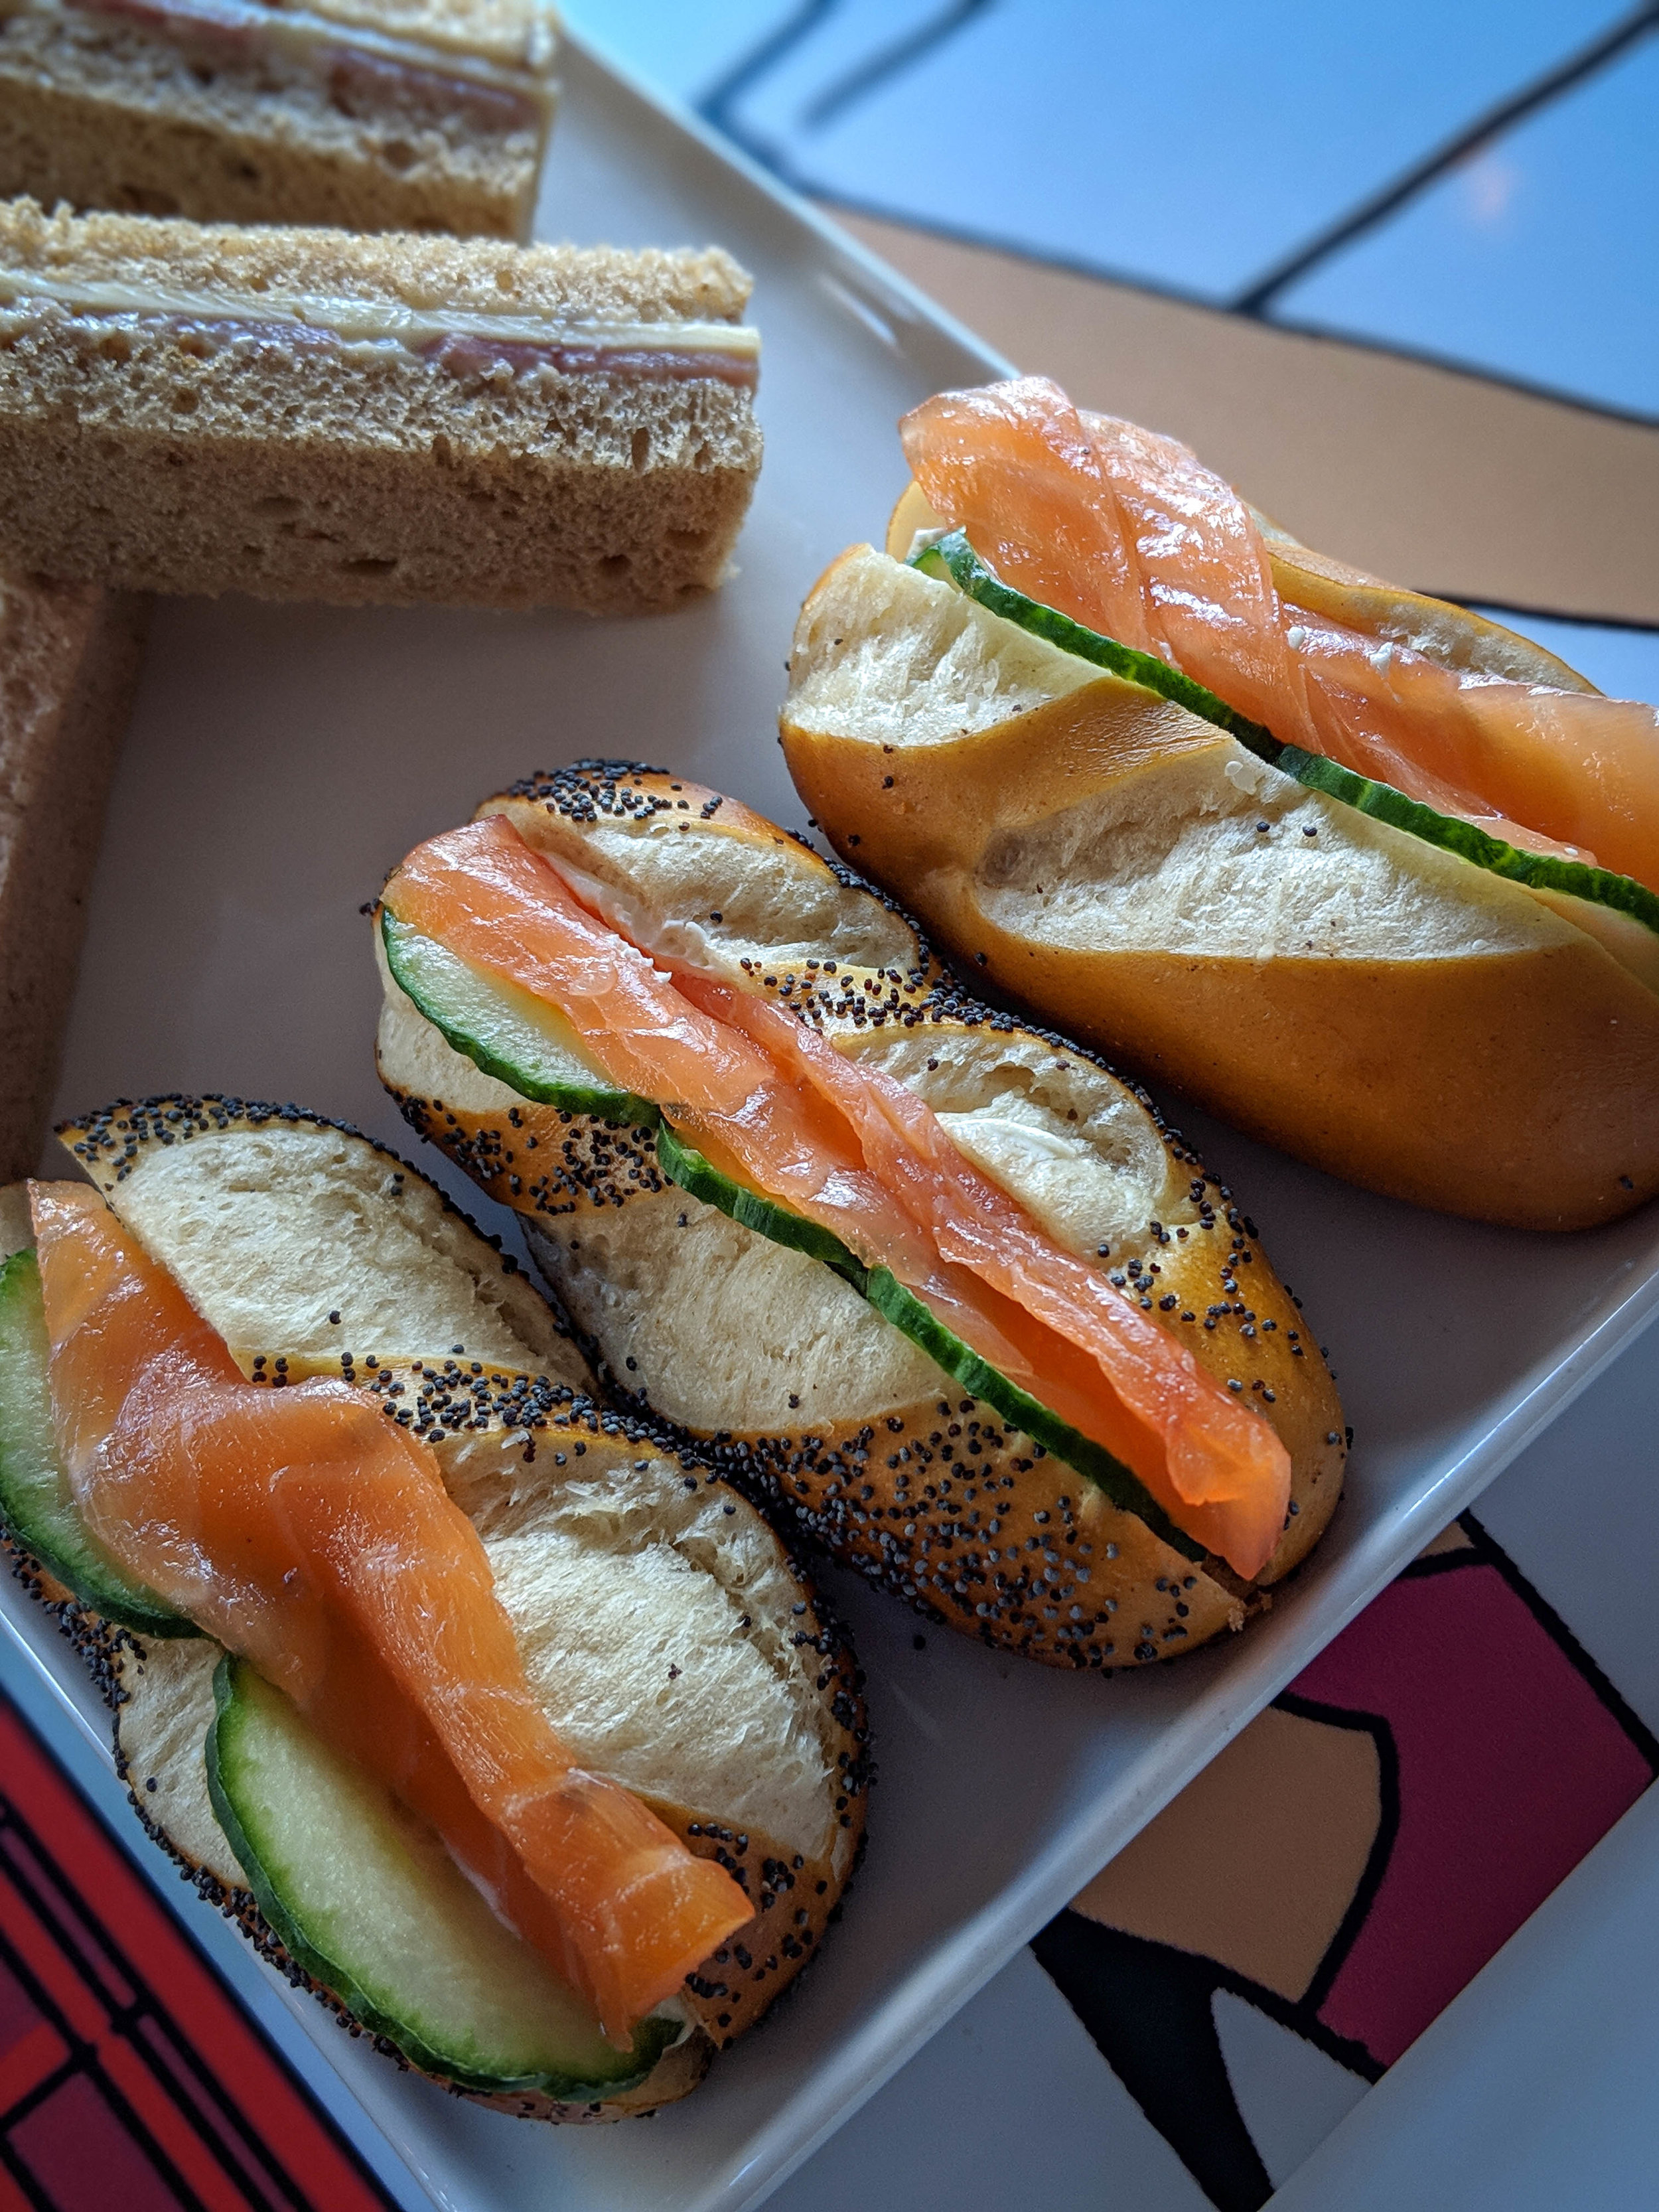 Brigit's Bakery Afternoon Tea in London